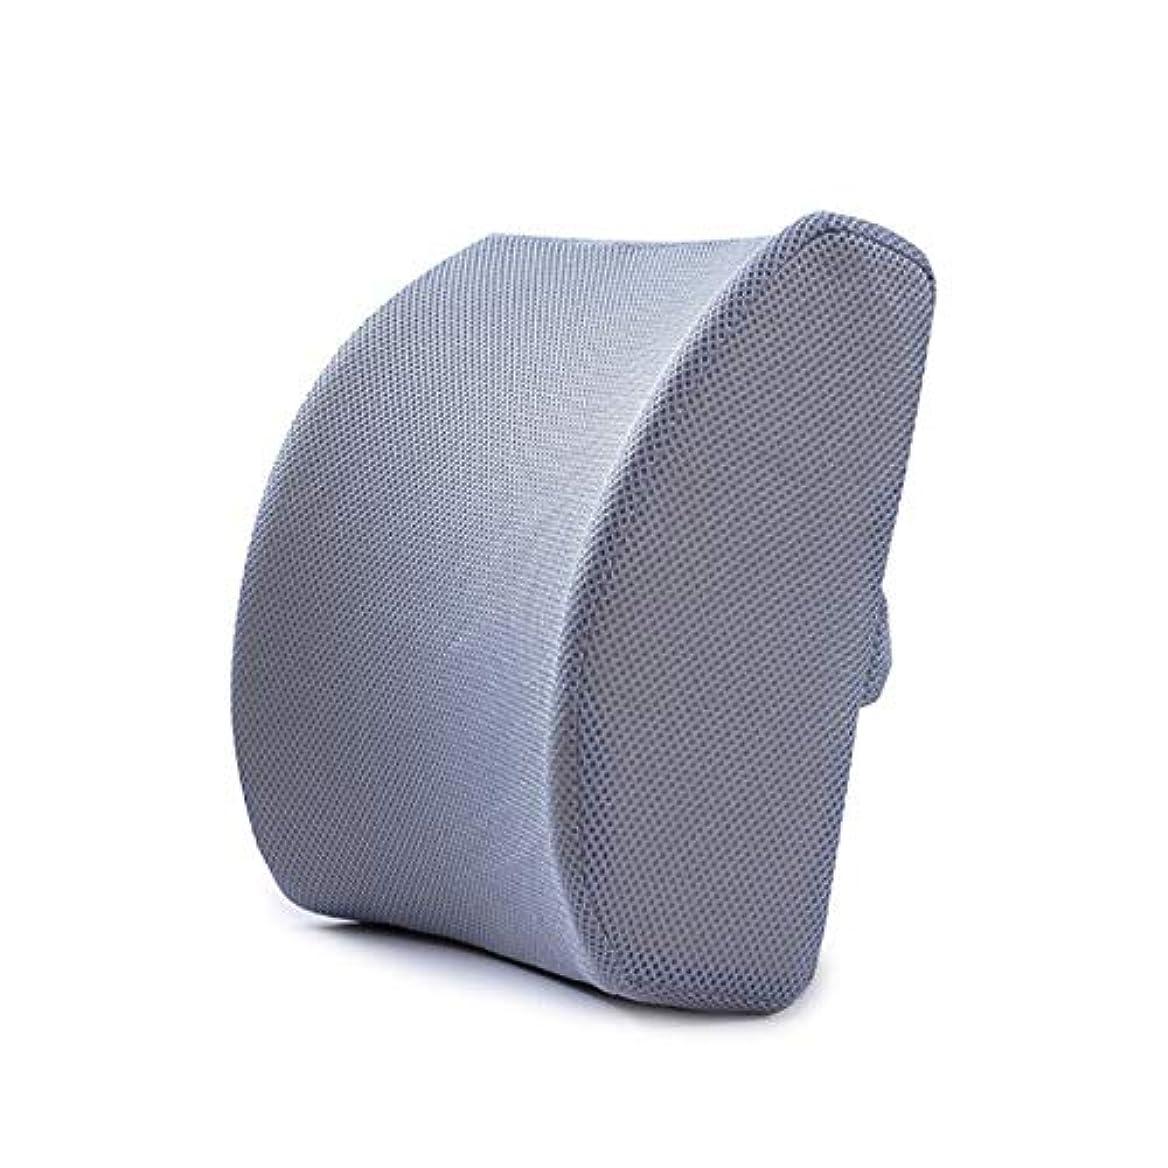 フォークうれしい持続するLIFE ホームオフィス背もたれ椅子腰椎クッションカーシートネック枕 3D 低反発サポートバックマッサージウエストレスリビング枕 クッション 椅子